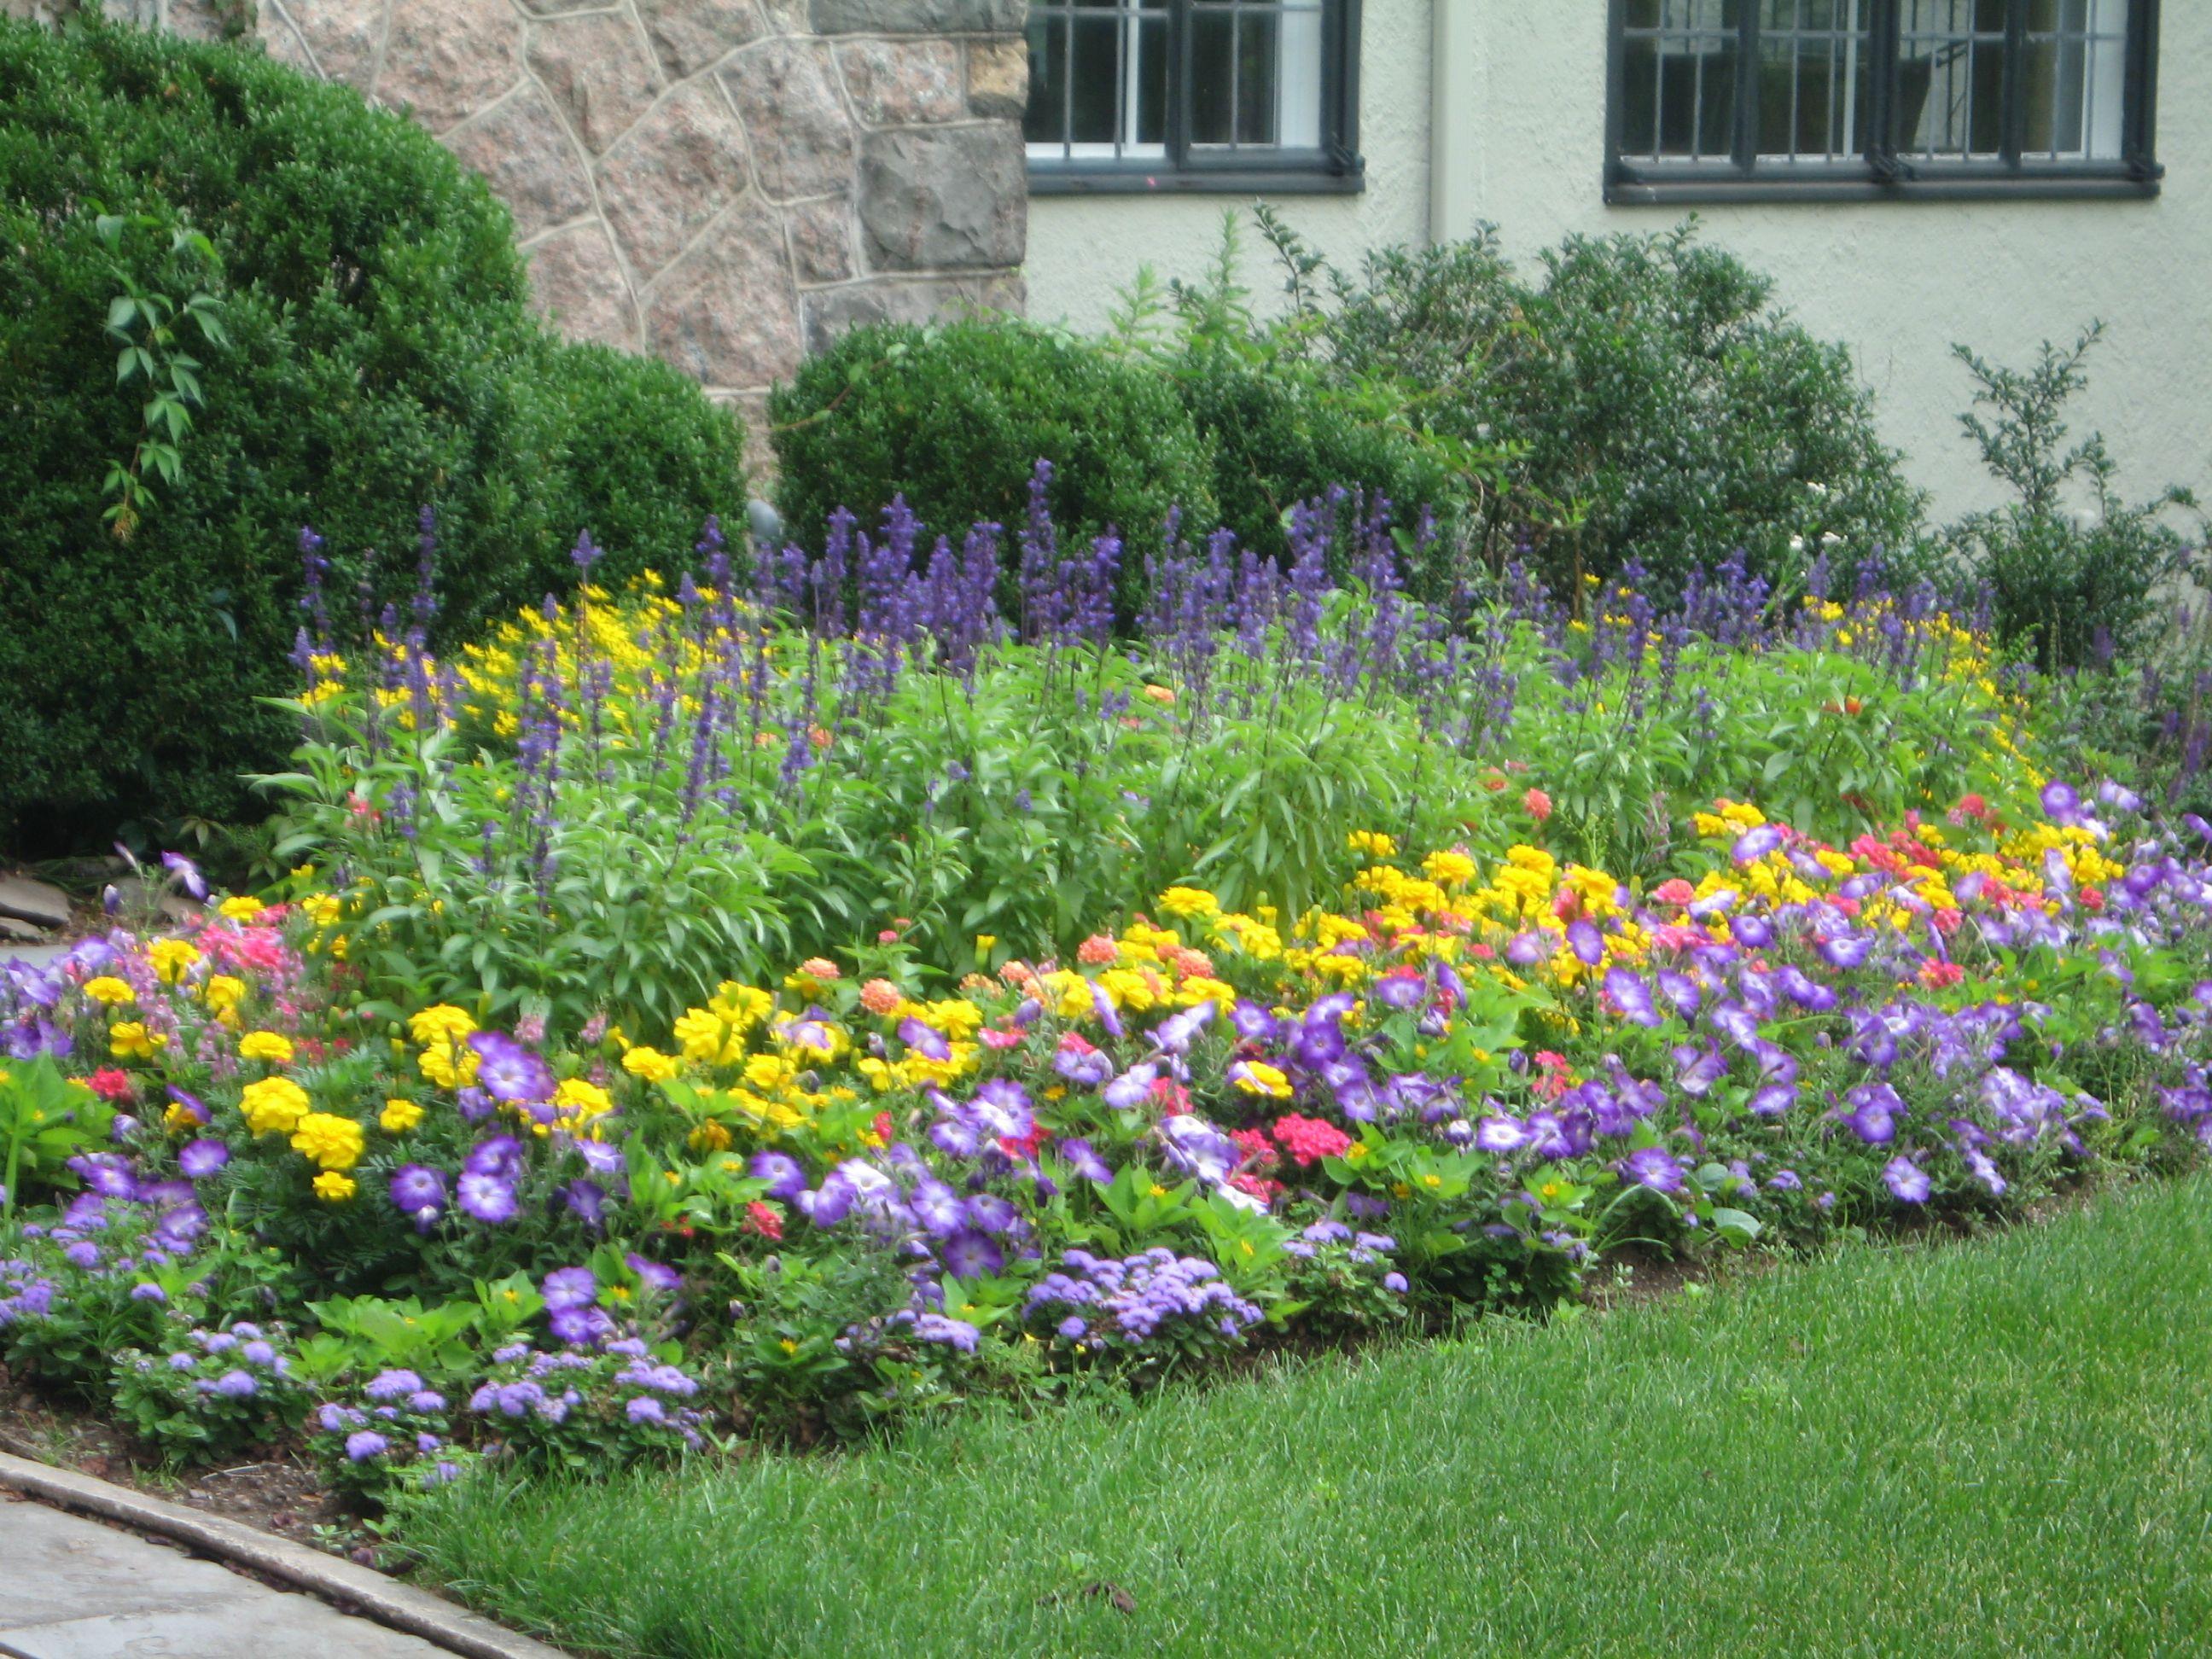 Pin By Heather Simnitt On For The Garden Pinterest Gardens